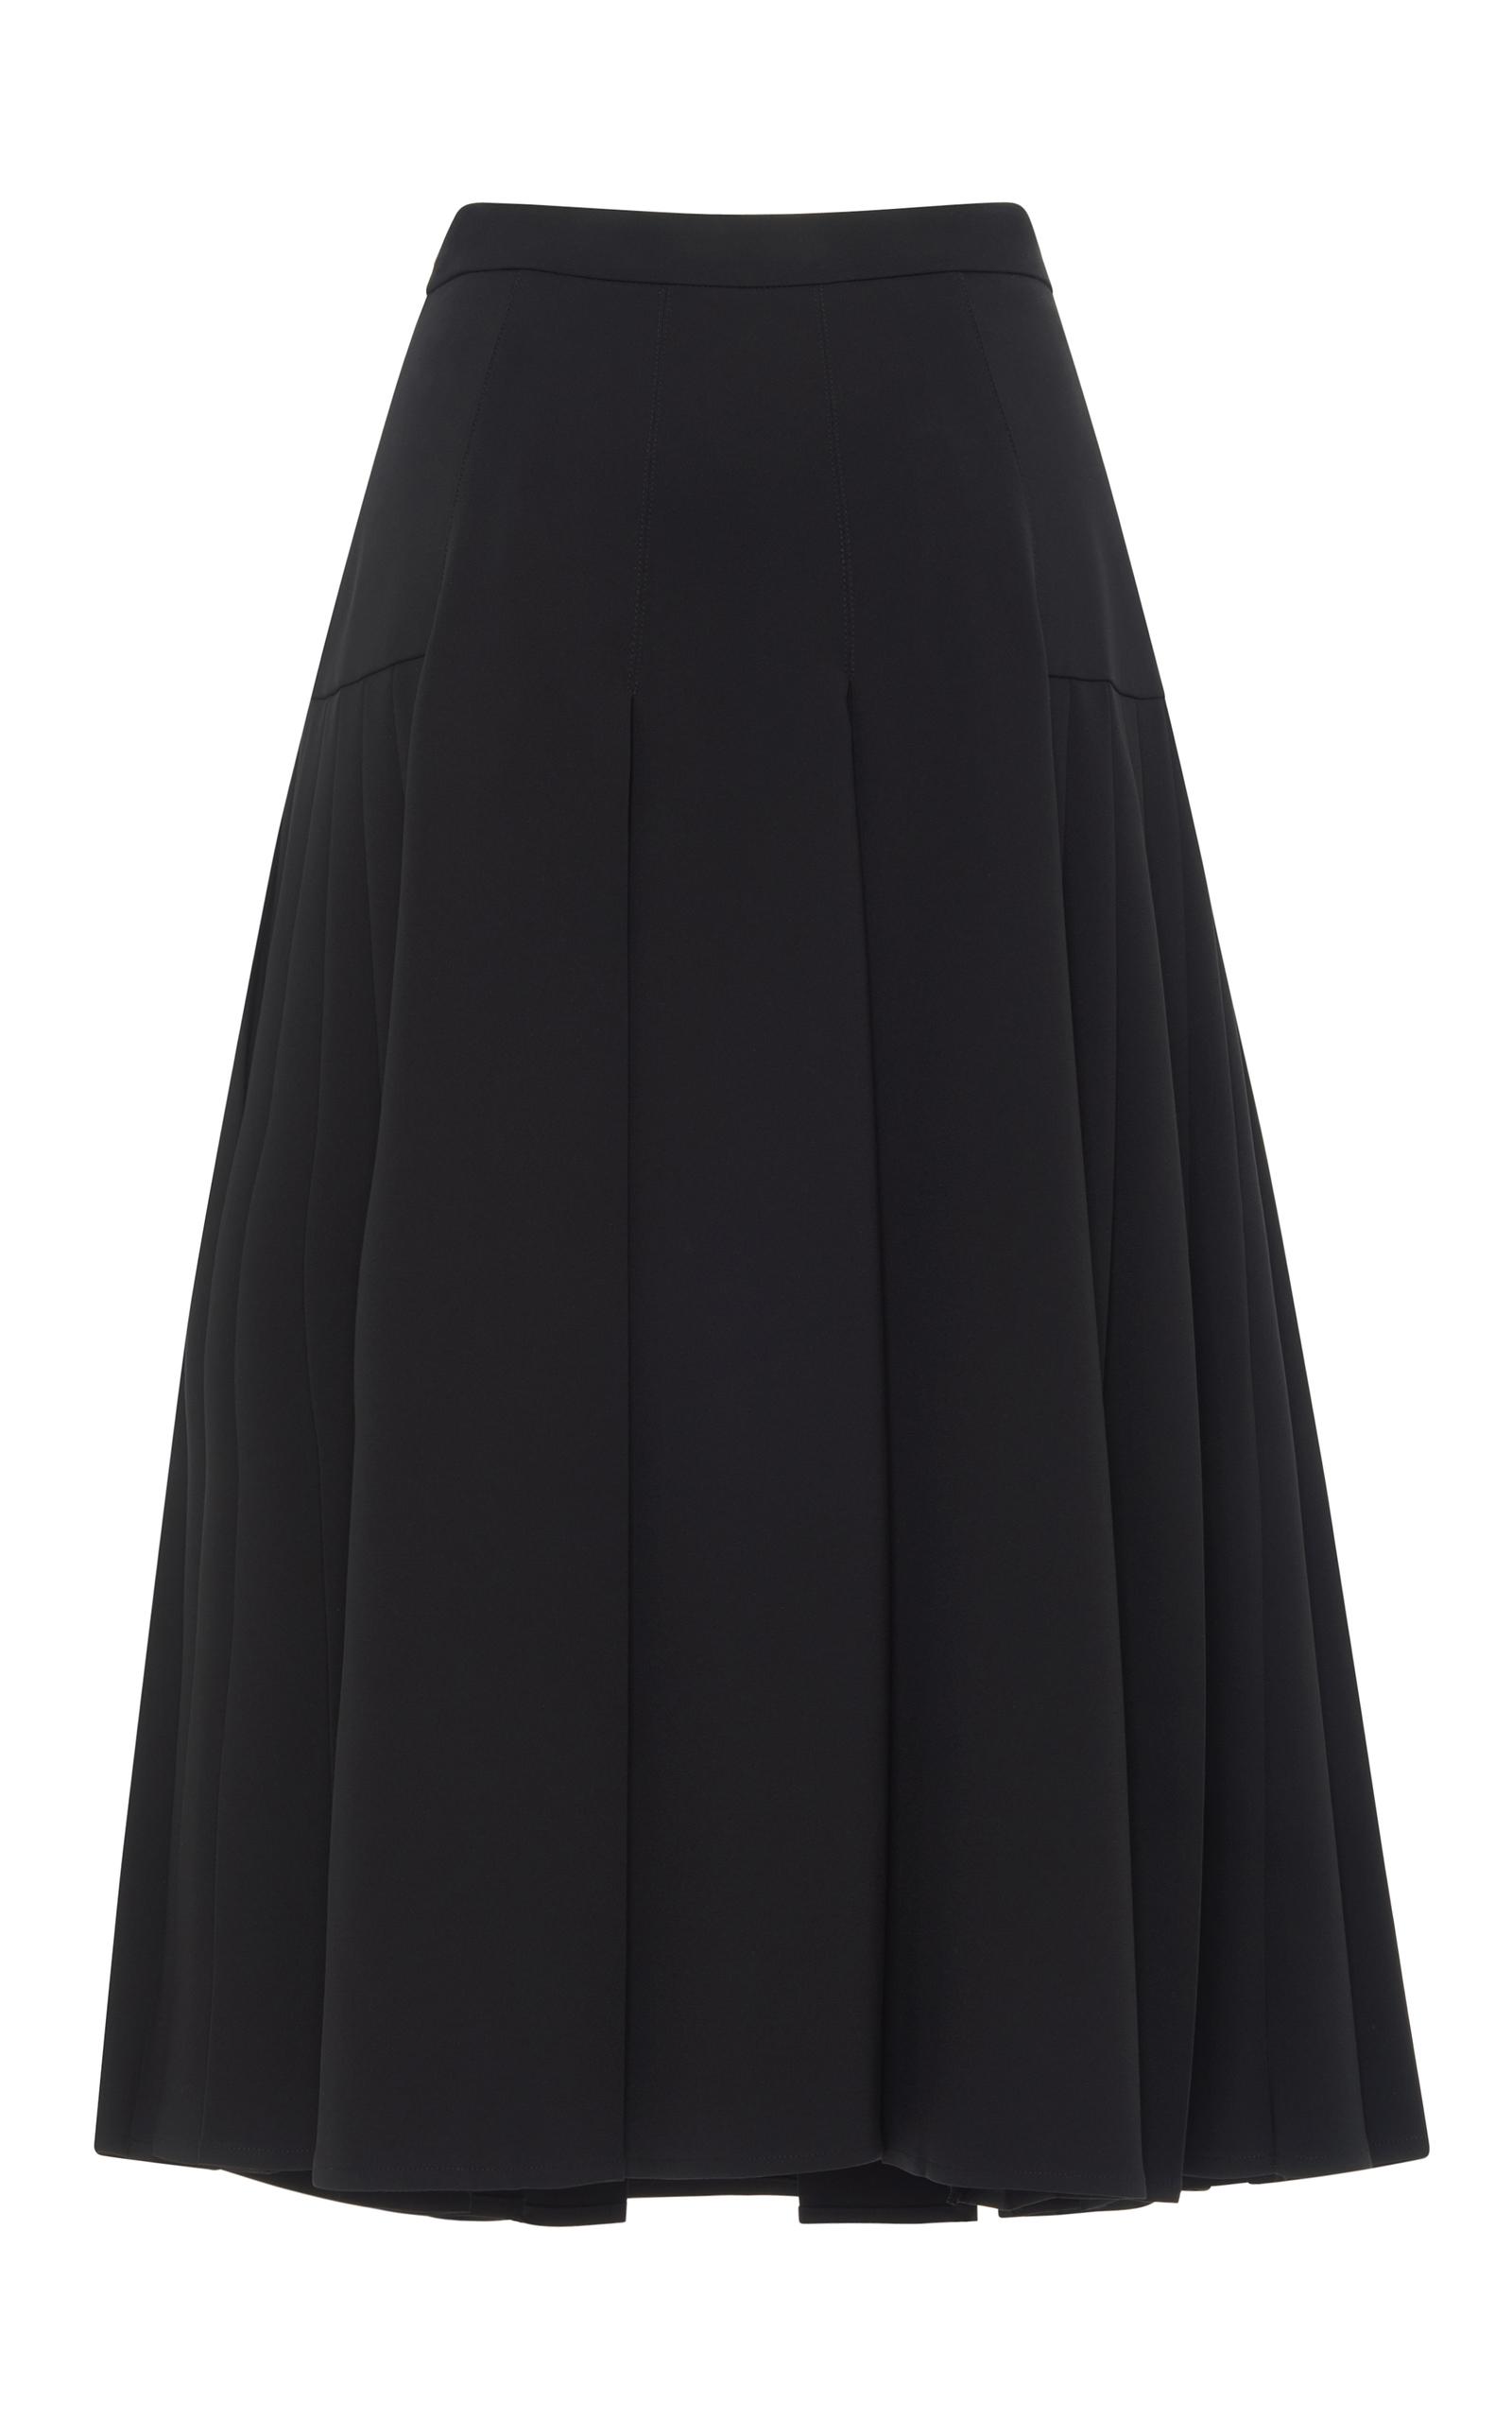 Pleated Knee Length Skirt by Rossella Jardini | Moda Operandi